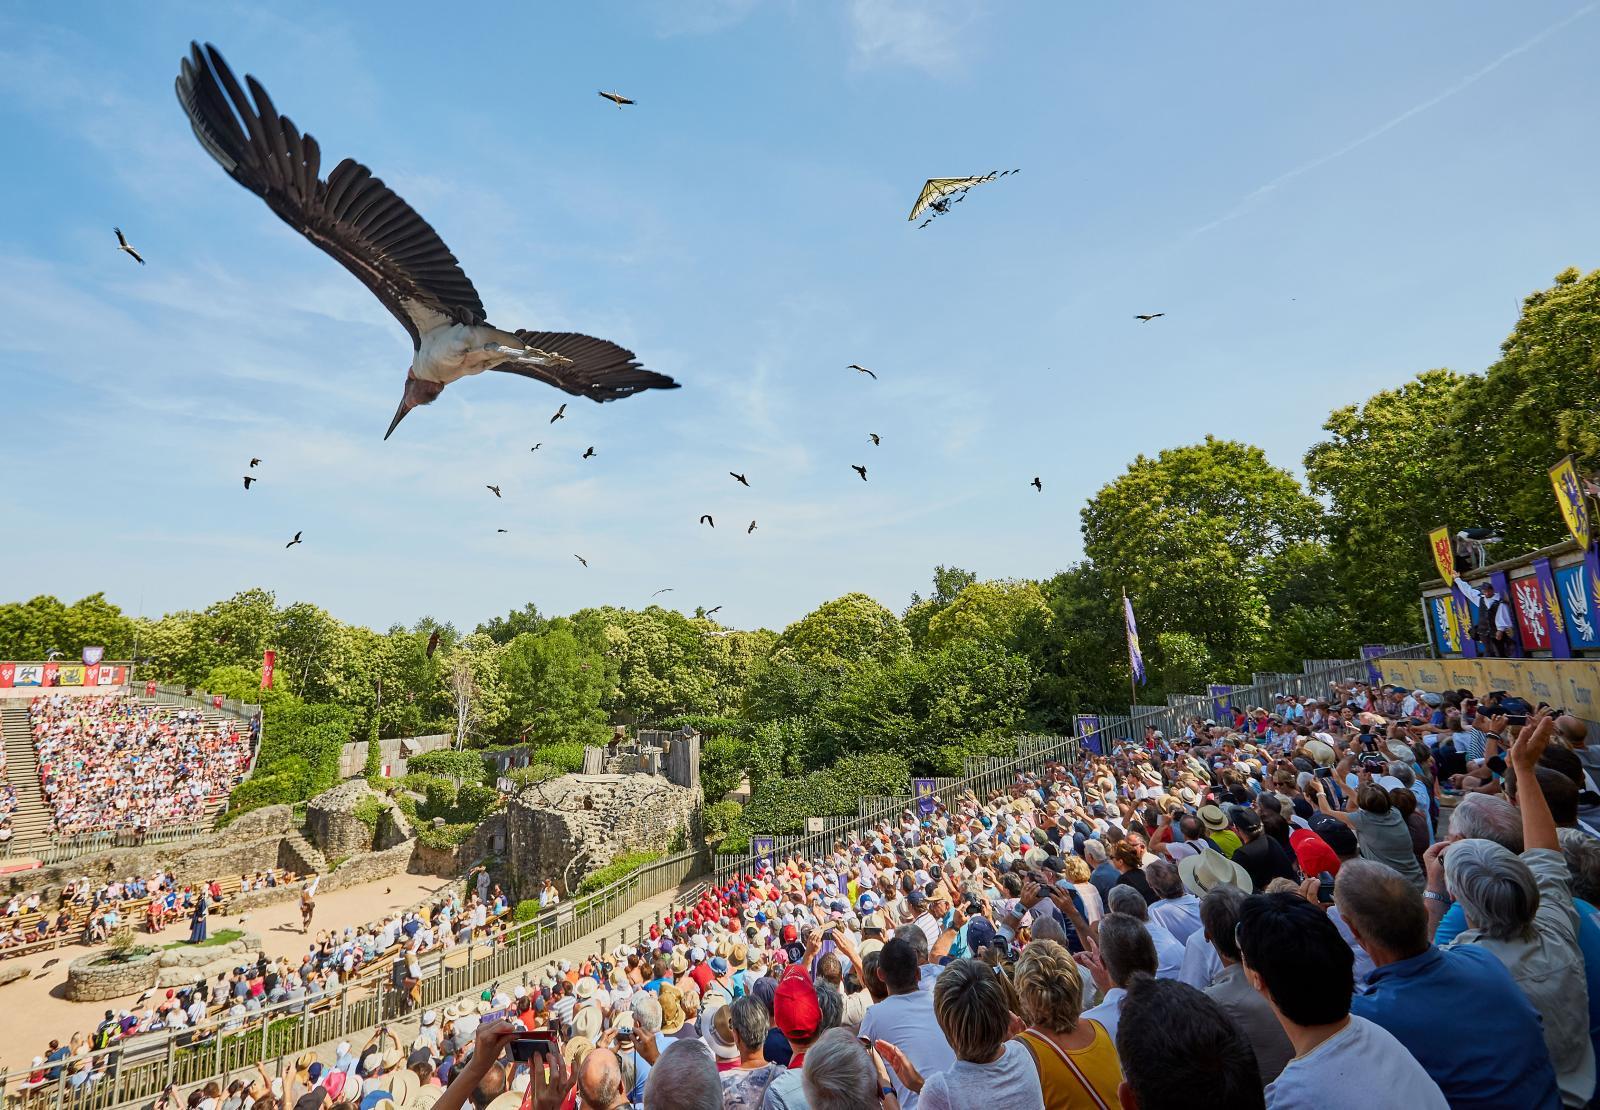 Fågelshowen avslutas med att hundratals mäktiga fåglar cirklar över våra huvuden. Vithövdad havsörn, kondor, gamar och falkar ingår bland många andra i denna show.